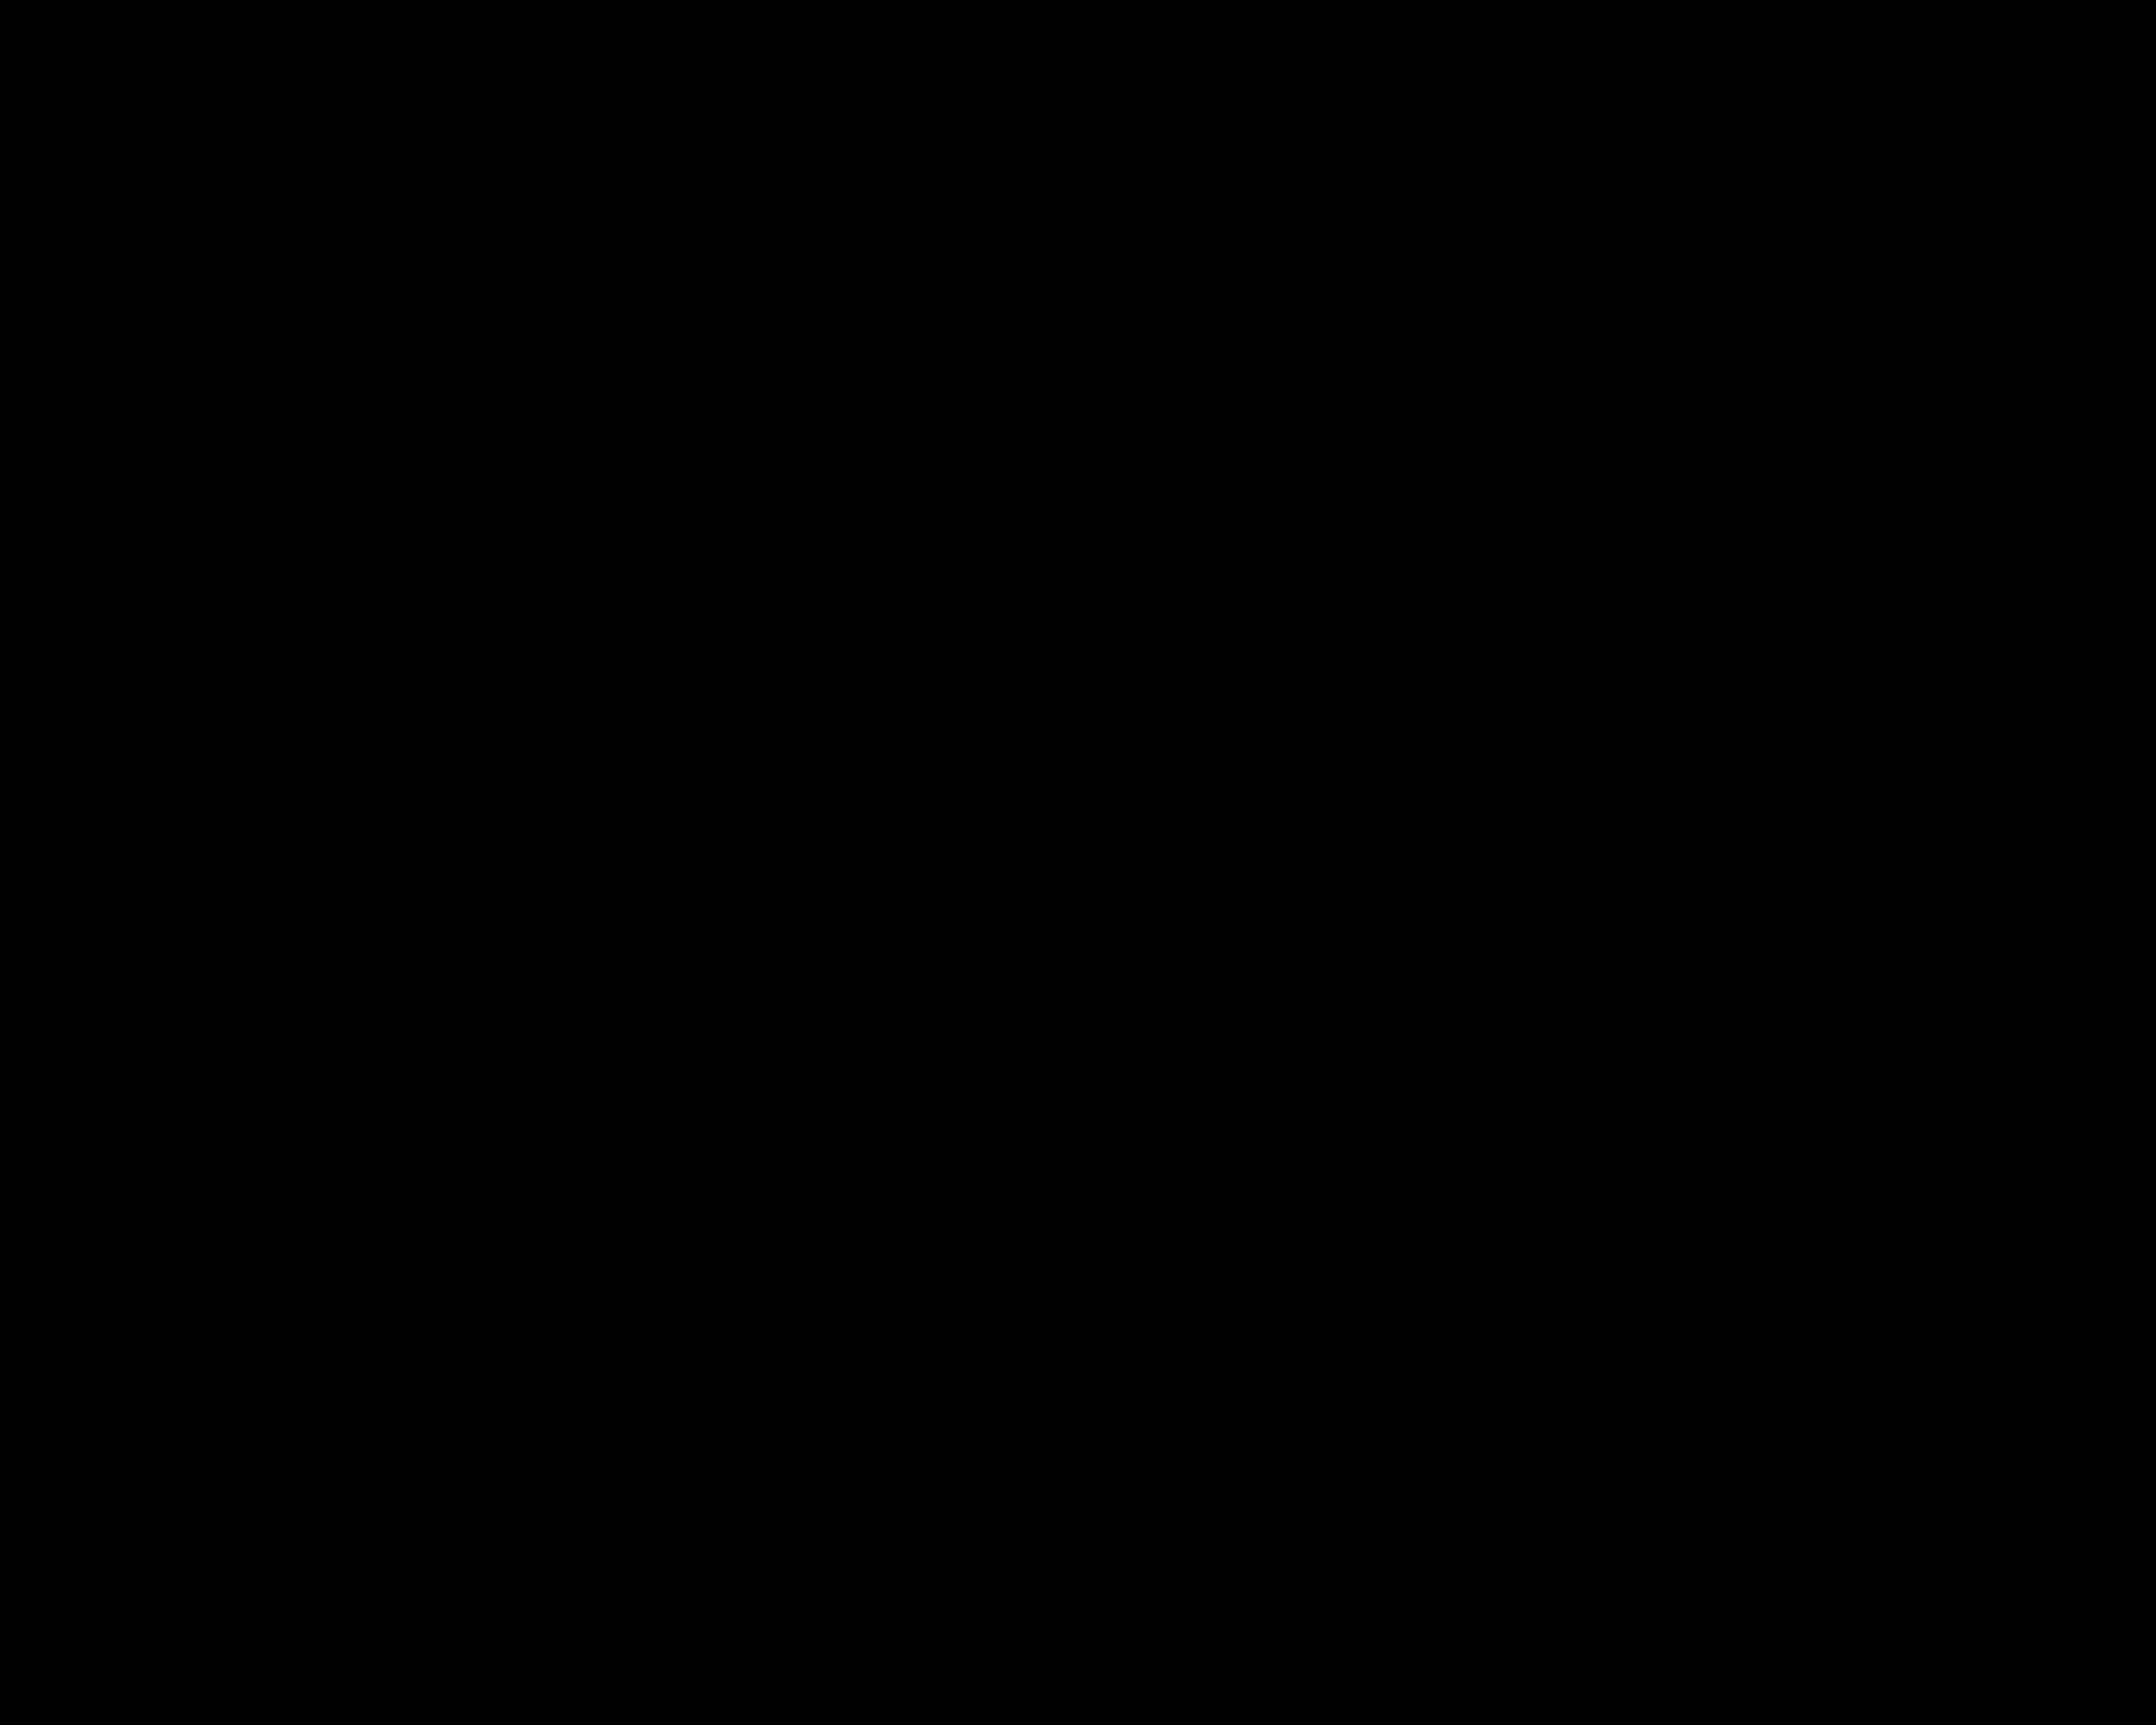 communication visuelle et production audiovisuelle, serrurerie, btp, entrepreneur, entretien, maintenance, tous corps d'état, métallerie, serrurerie, plomberie, électricité, isolation, peinture, sites internet